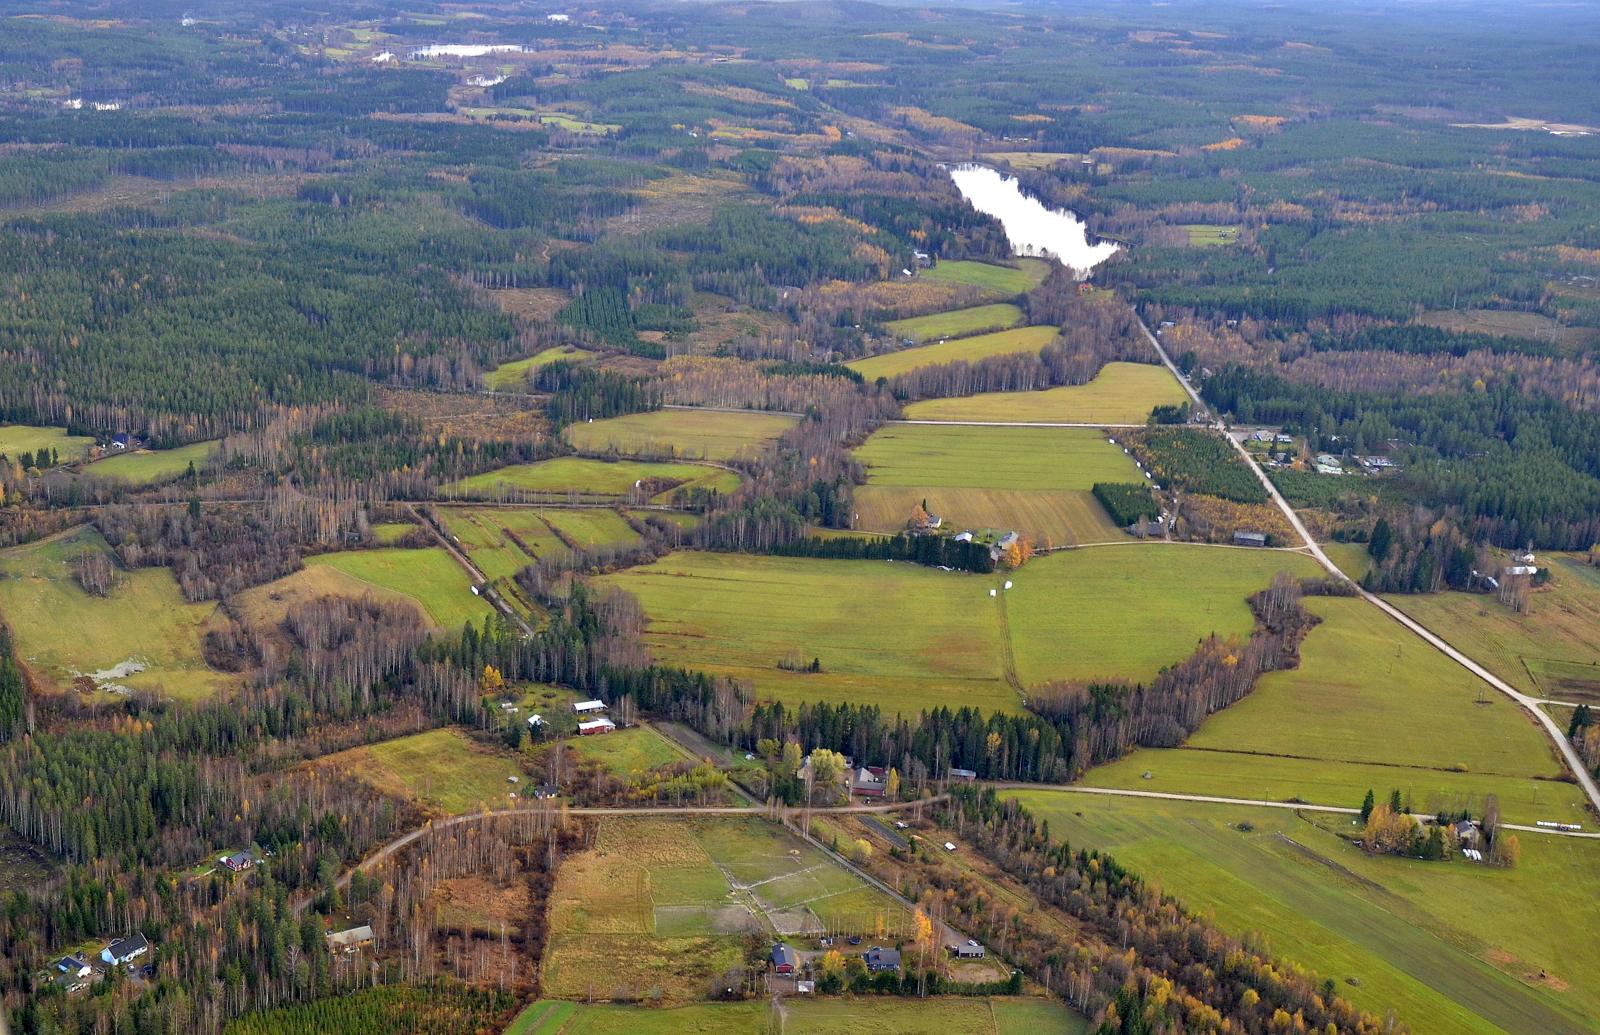 Nyt suuntaan lennon Saarikkaalle, tässä aukeaa Vihijärven kylä Huutjärveä kohti. Kuvan keskivaiheilla poikttain Sumiainen Suolahti tie.